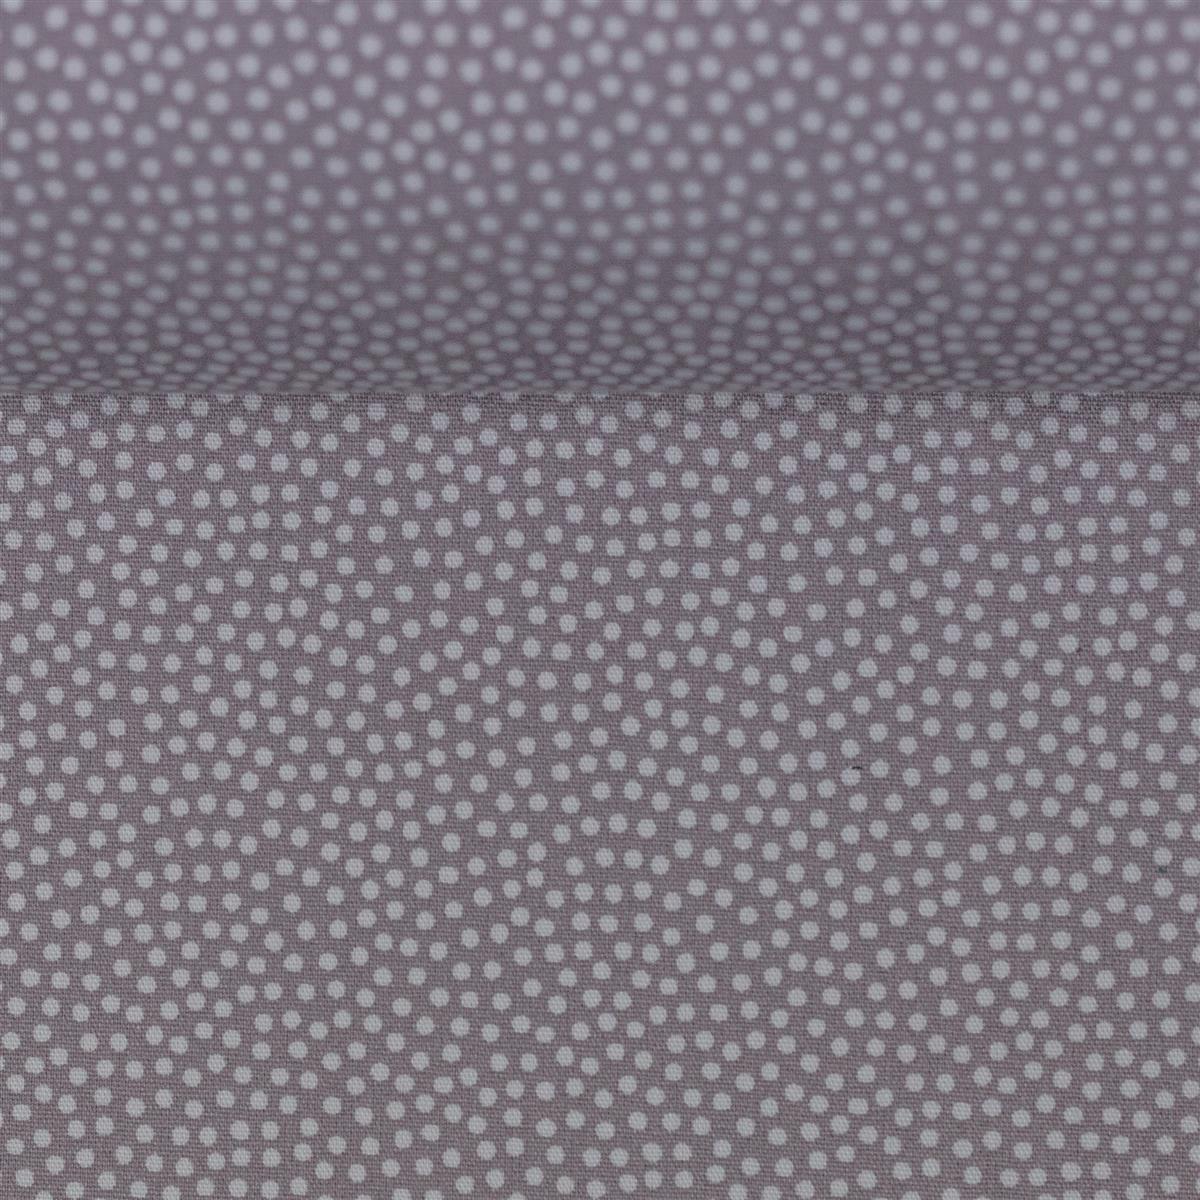 081048-100182-dotty-baumwolle-ballen